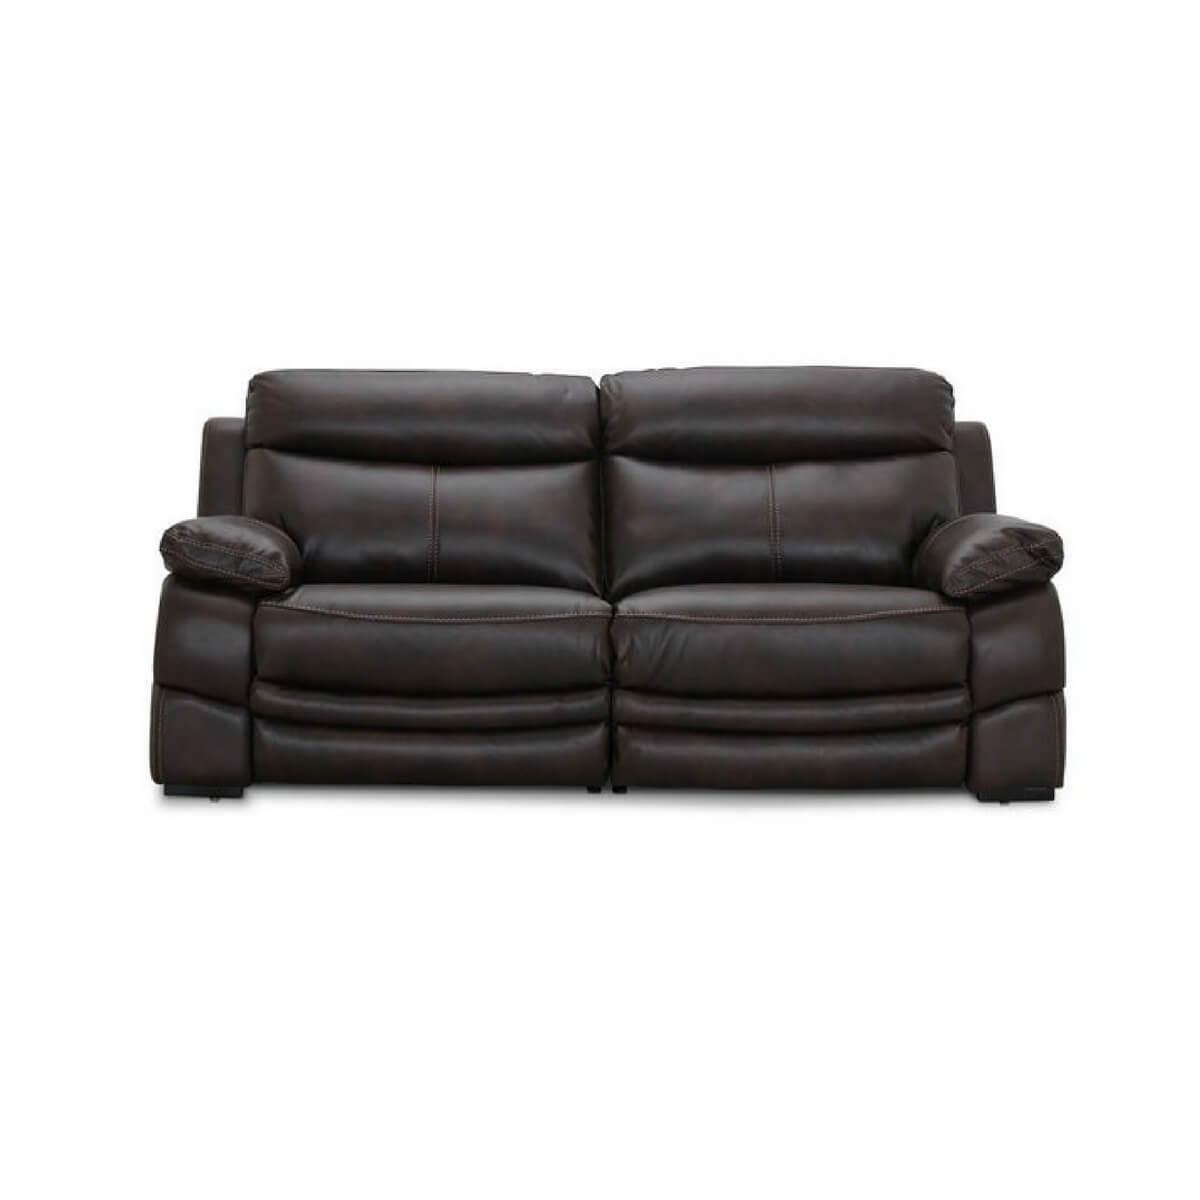 sofaer sacramento hazelnut sectional sofa 2 personers gratis fragt og prismatch se udvalg